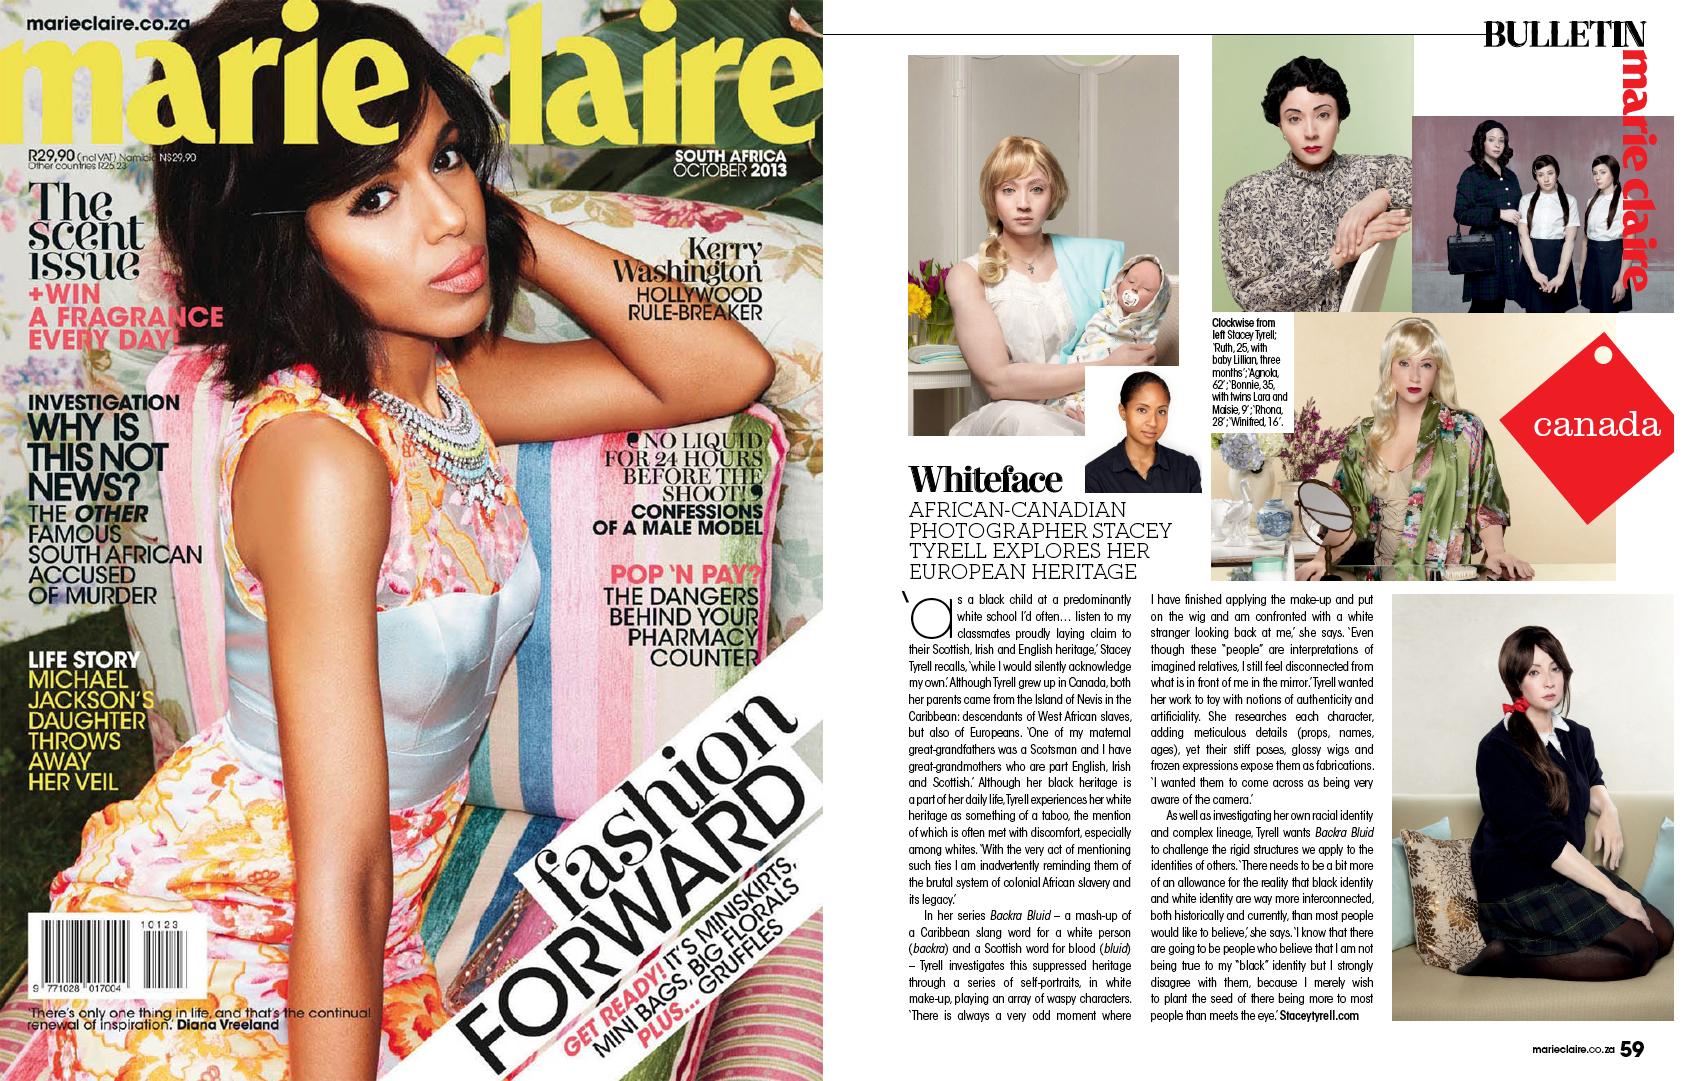 tyrell-marie-claire-bulletin-2013.jpg